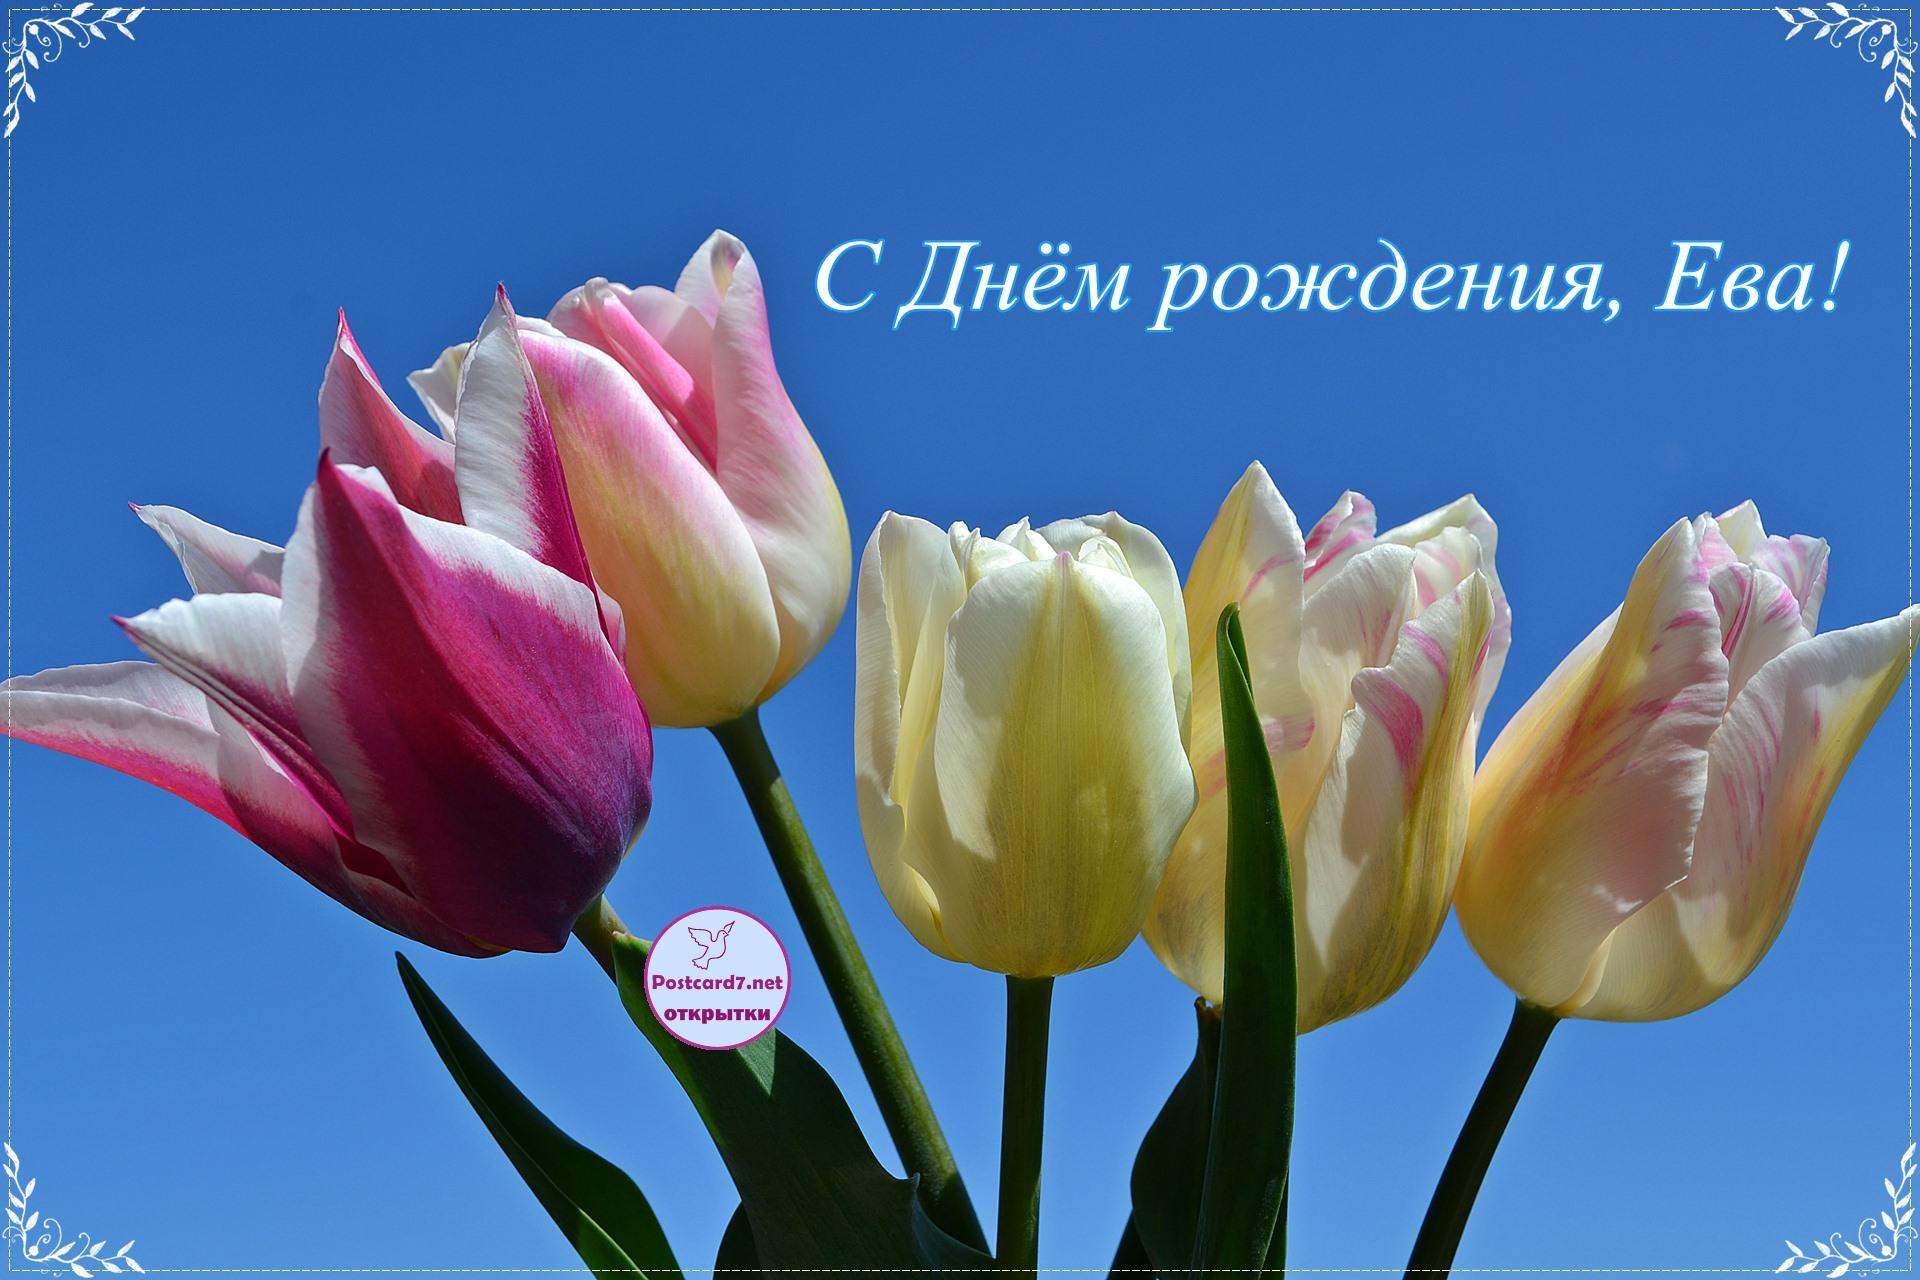 Тюльпаны Еве, открытка с Днём рождения